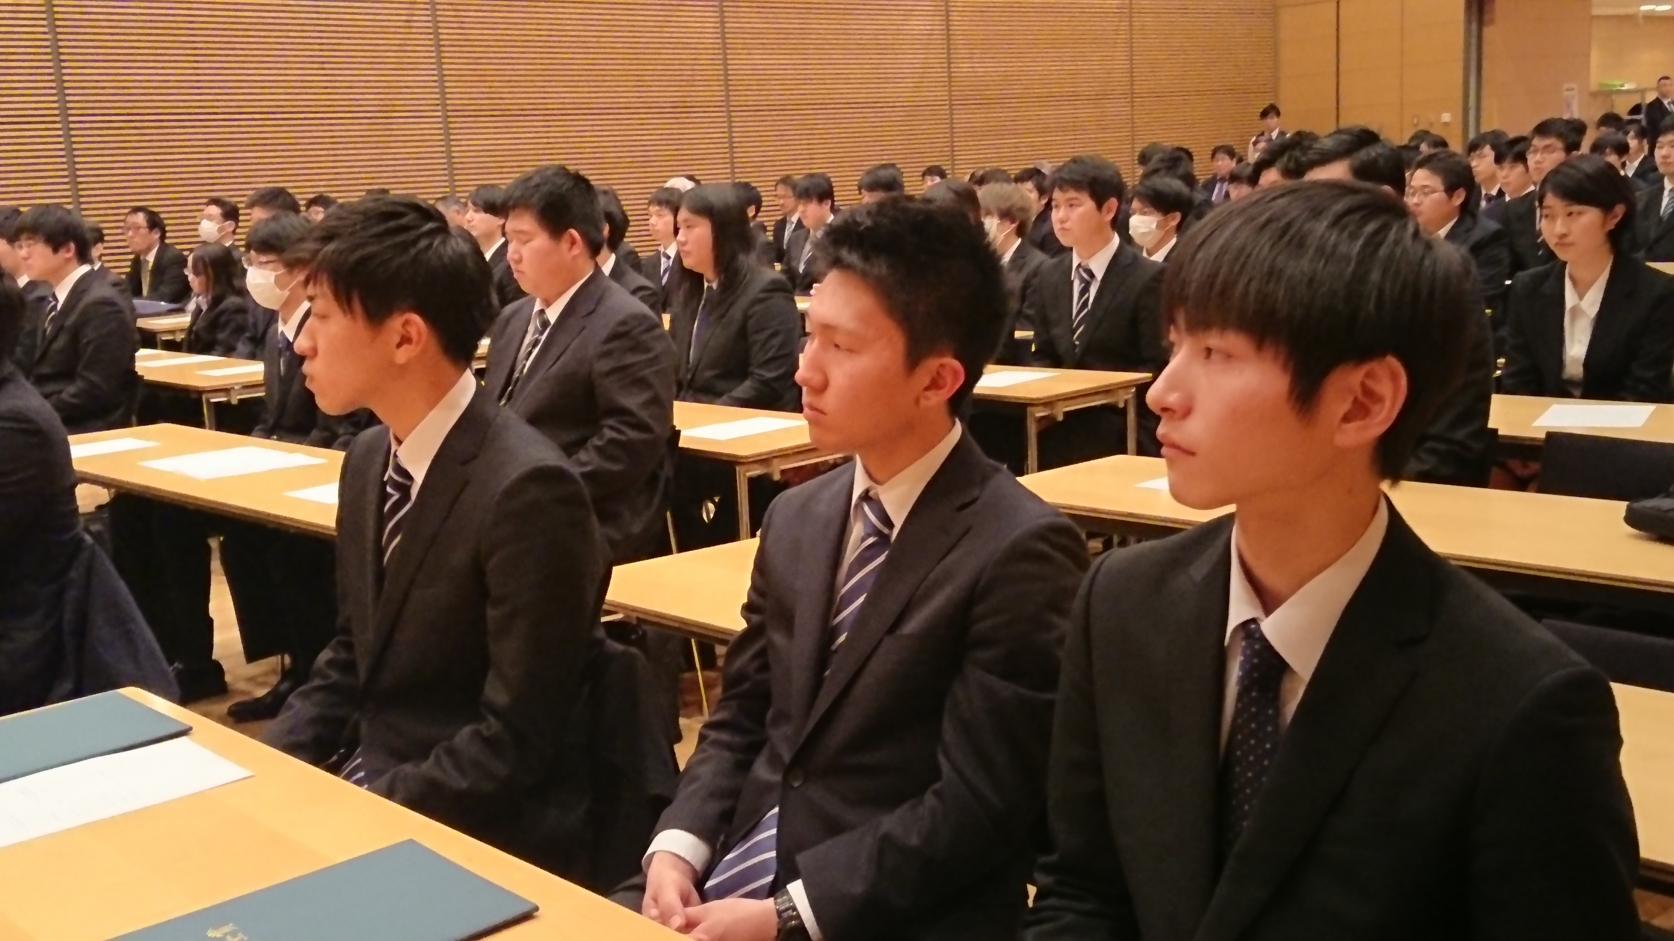 3月2日(土)未来博士工房学生博士賞表彰式が執り行われました。